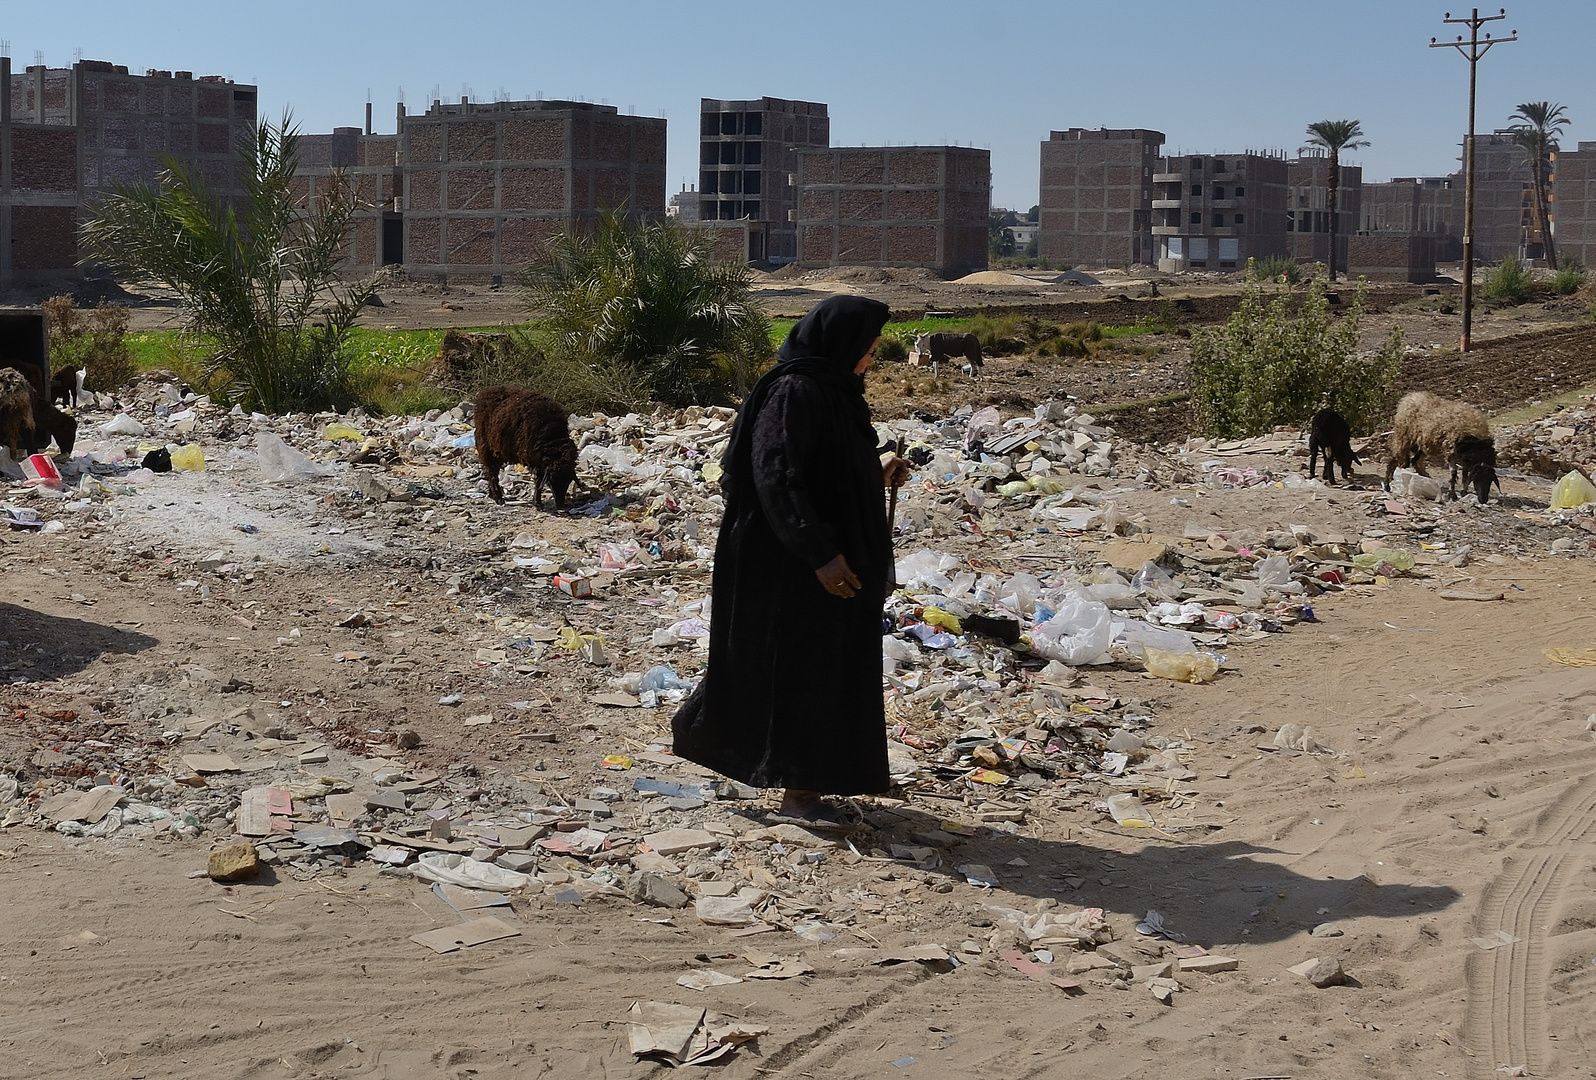 Neubaugebiet in Luxor